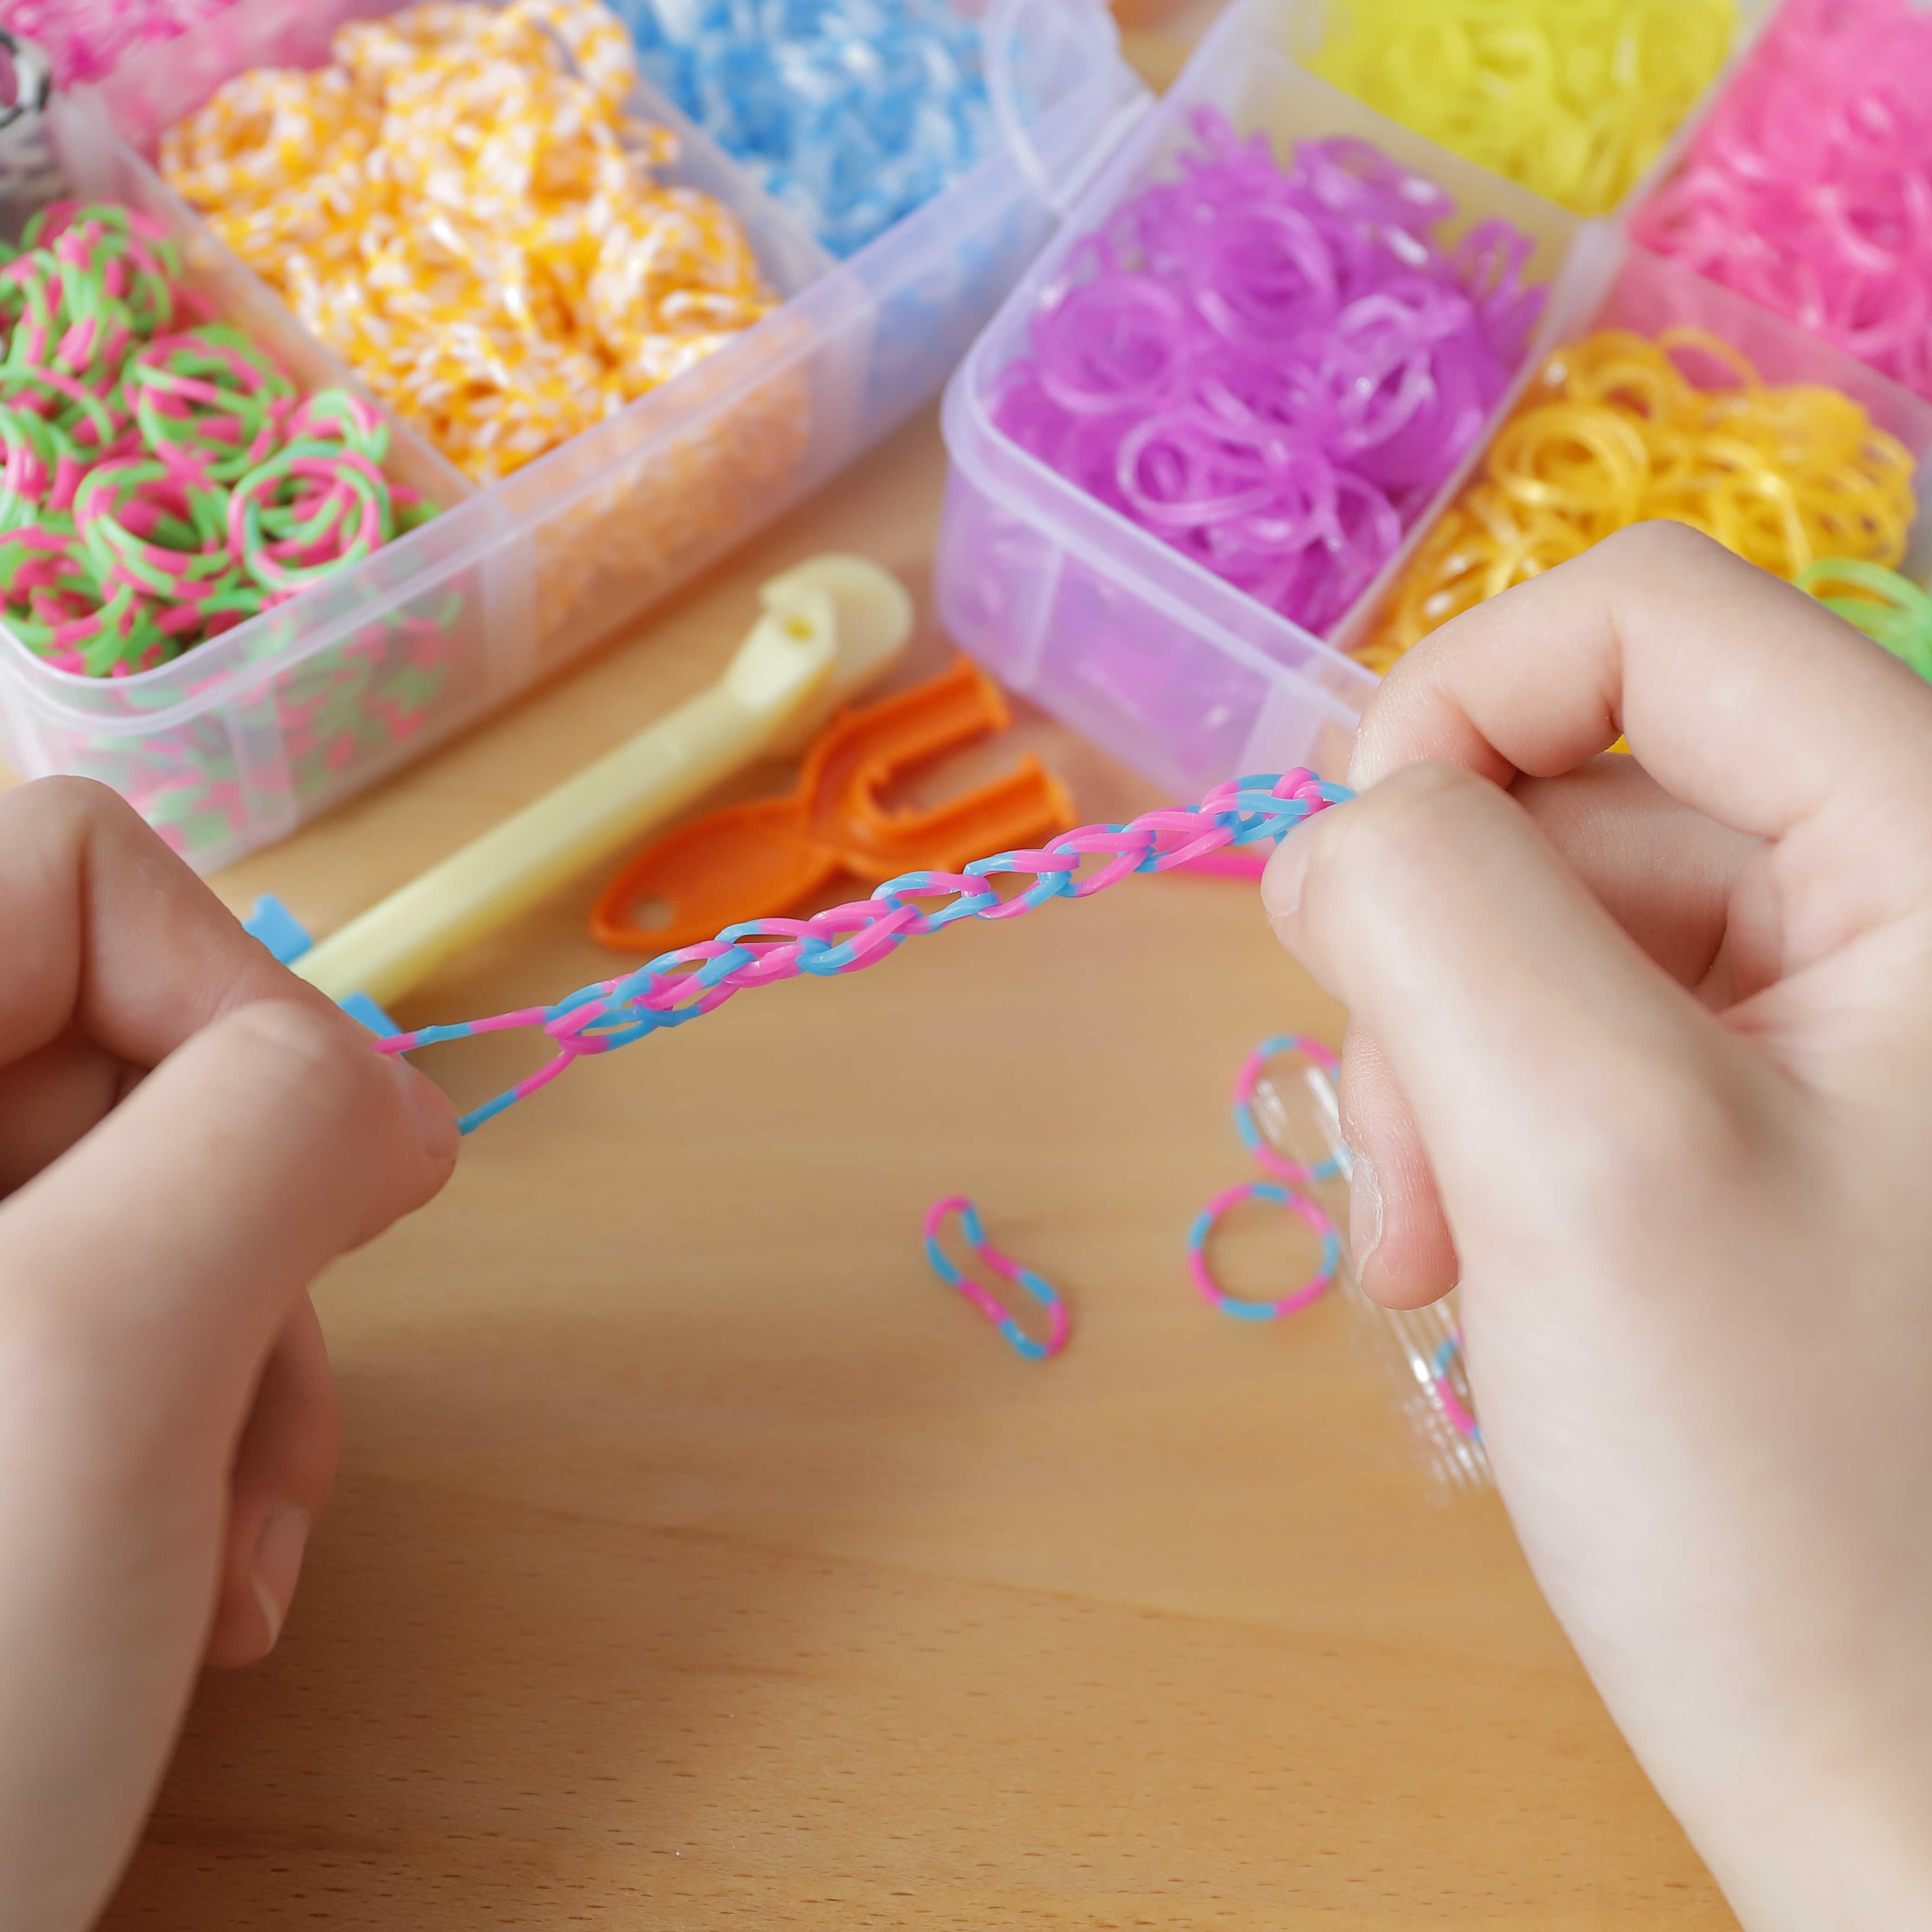 """1800 ПК игрушки """"Сделай своими руками"""" резиновые резинок для создания плетеных браслетов в комплекте со станком для плетения браслетов из мультфильмов комплект DIY браслет силиконвые резинки упругие Радуга Ткань резинок для создания плетеных браслетов в комплекте со станком для плетения браслетов, игрушка для детей, Товары"""